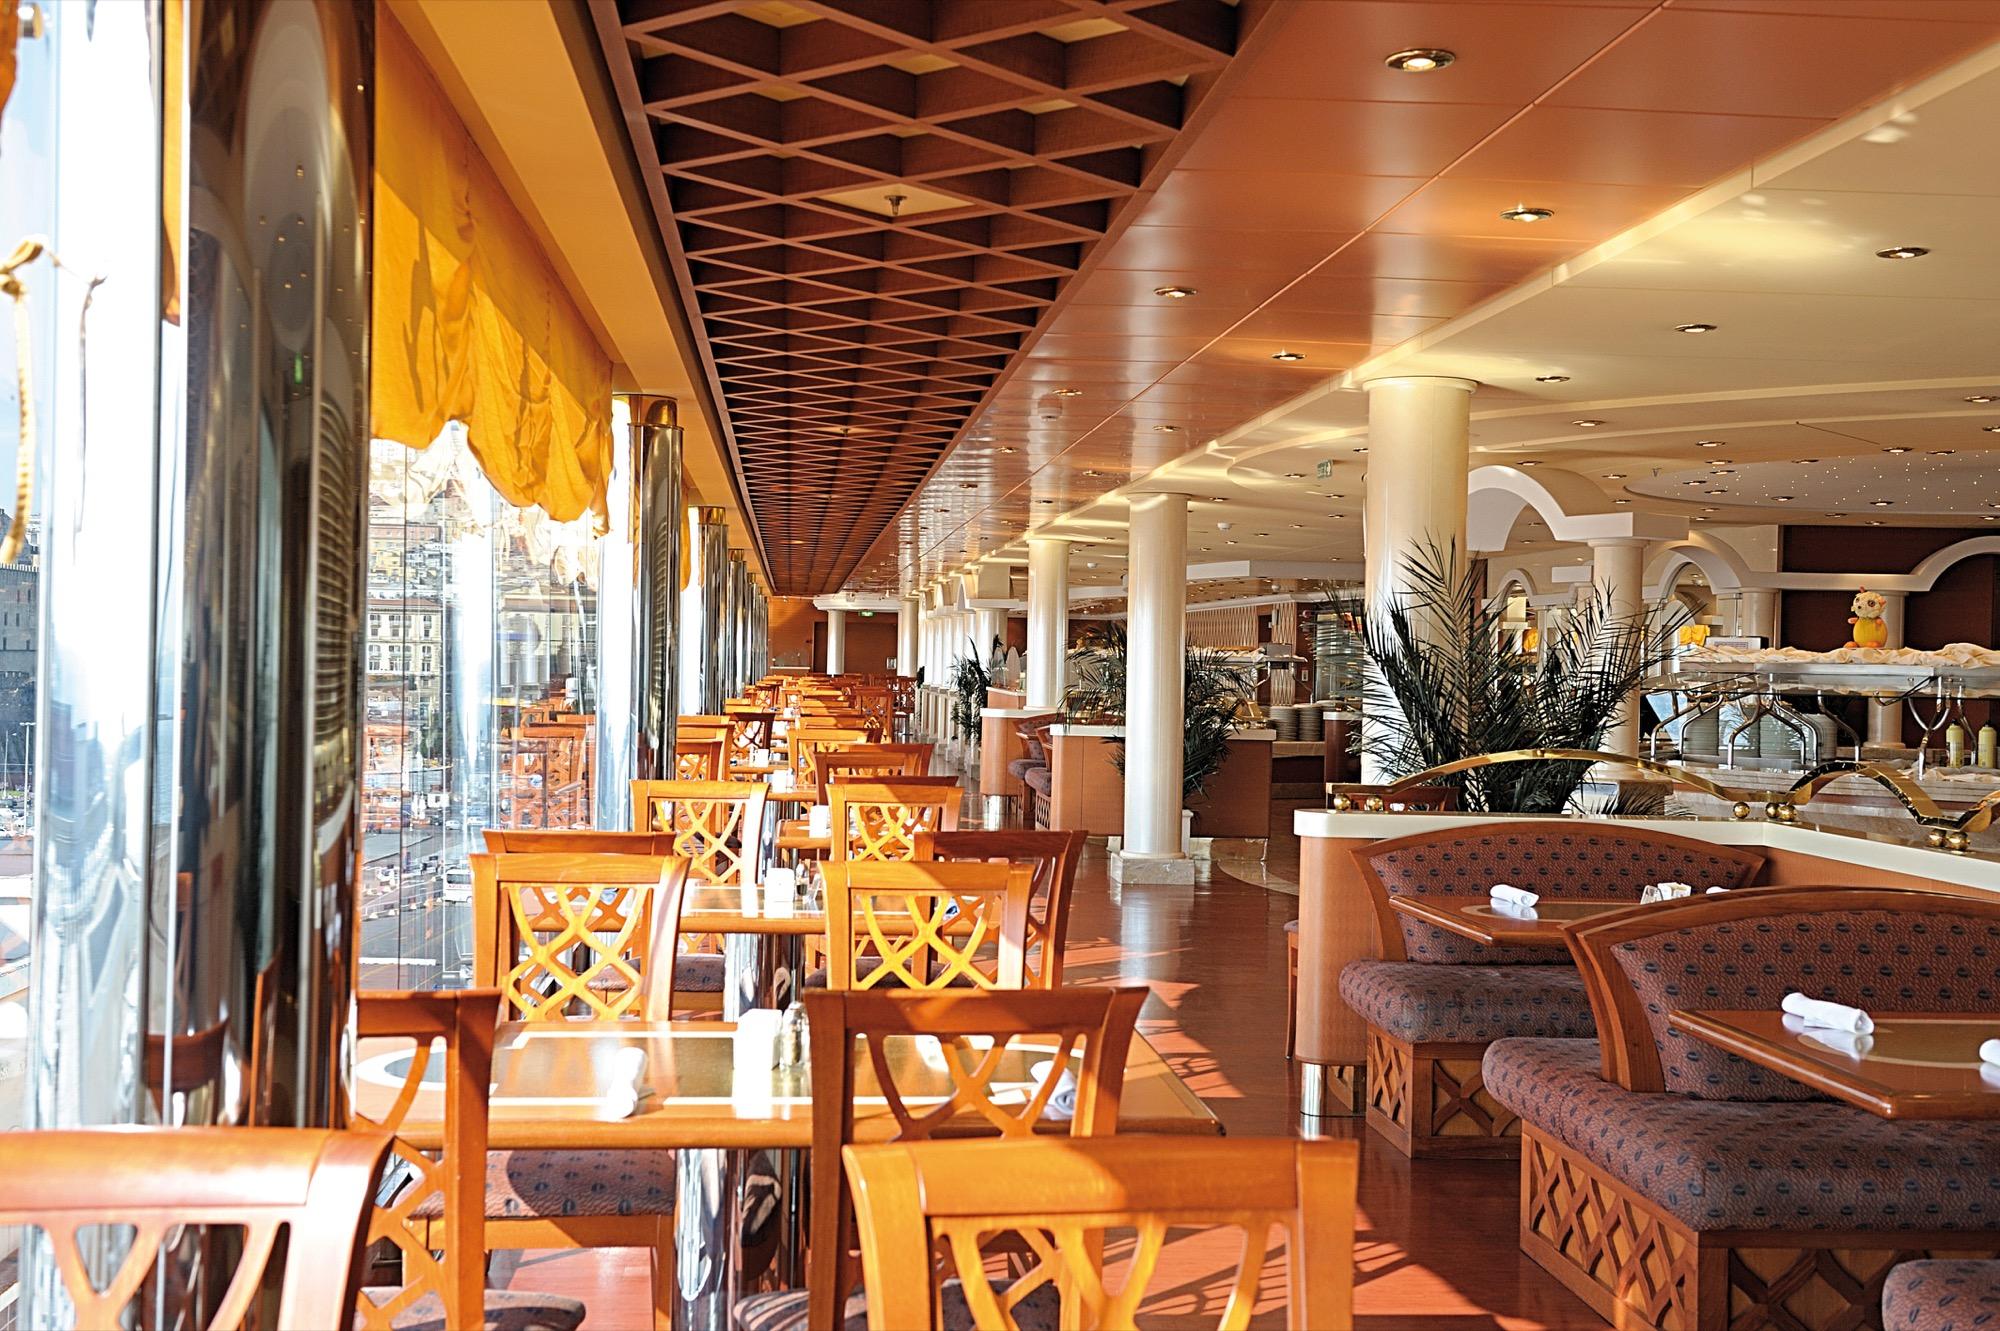 MSC Musica Class cafe 2.jpg